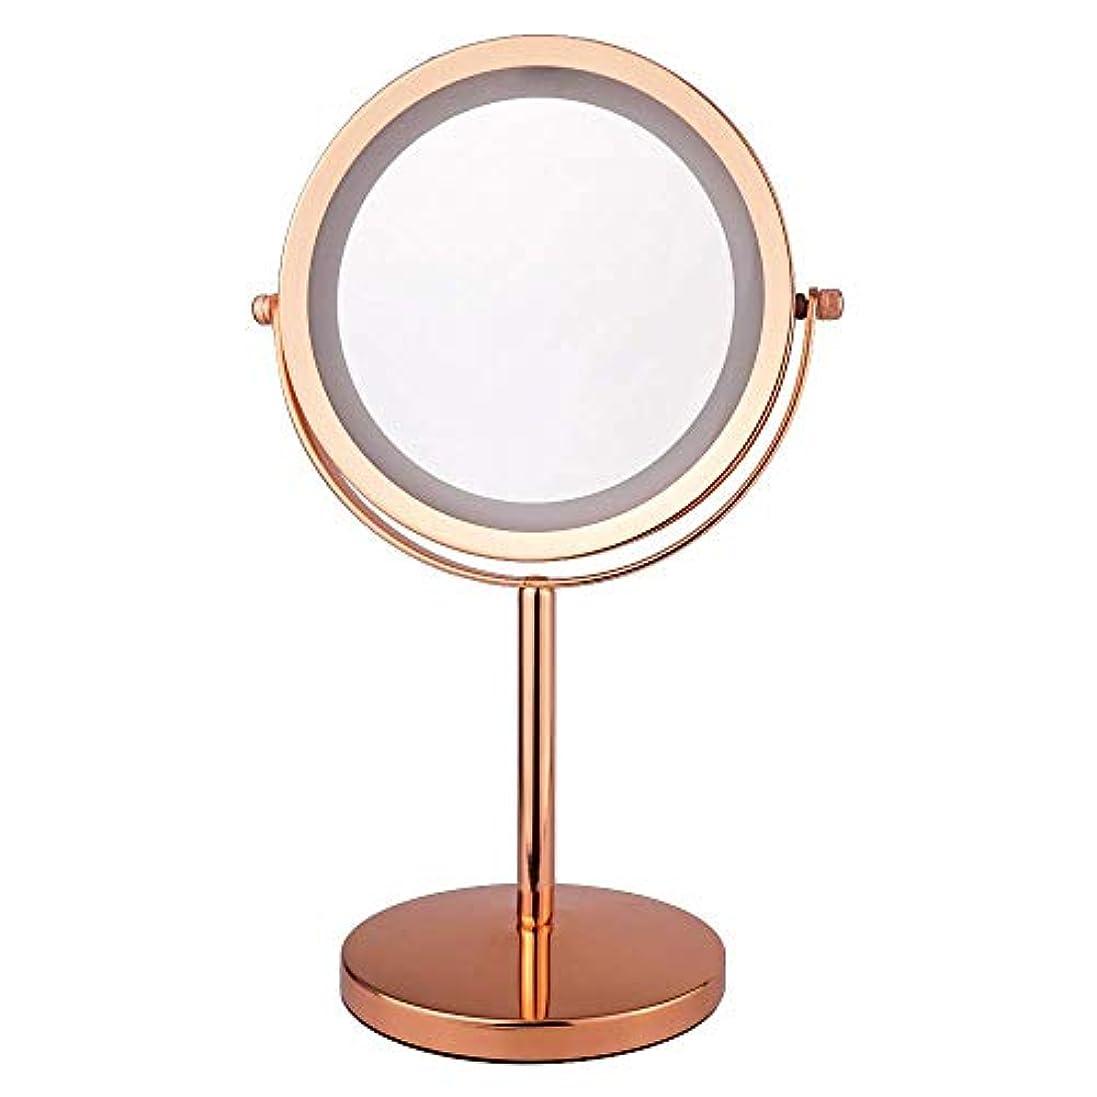 おもちゃゴミ箱僕のLED 化粧鏡 回転式 1X 及び 5 倍率ミラー タッ 浴室鏡 卓上鏡 メイクミラー 360度回転スタンドミラー